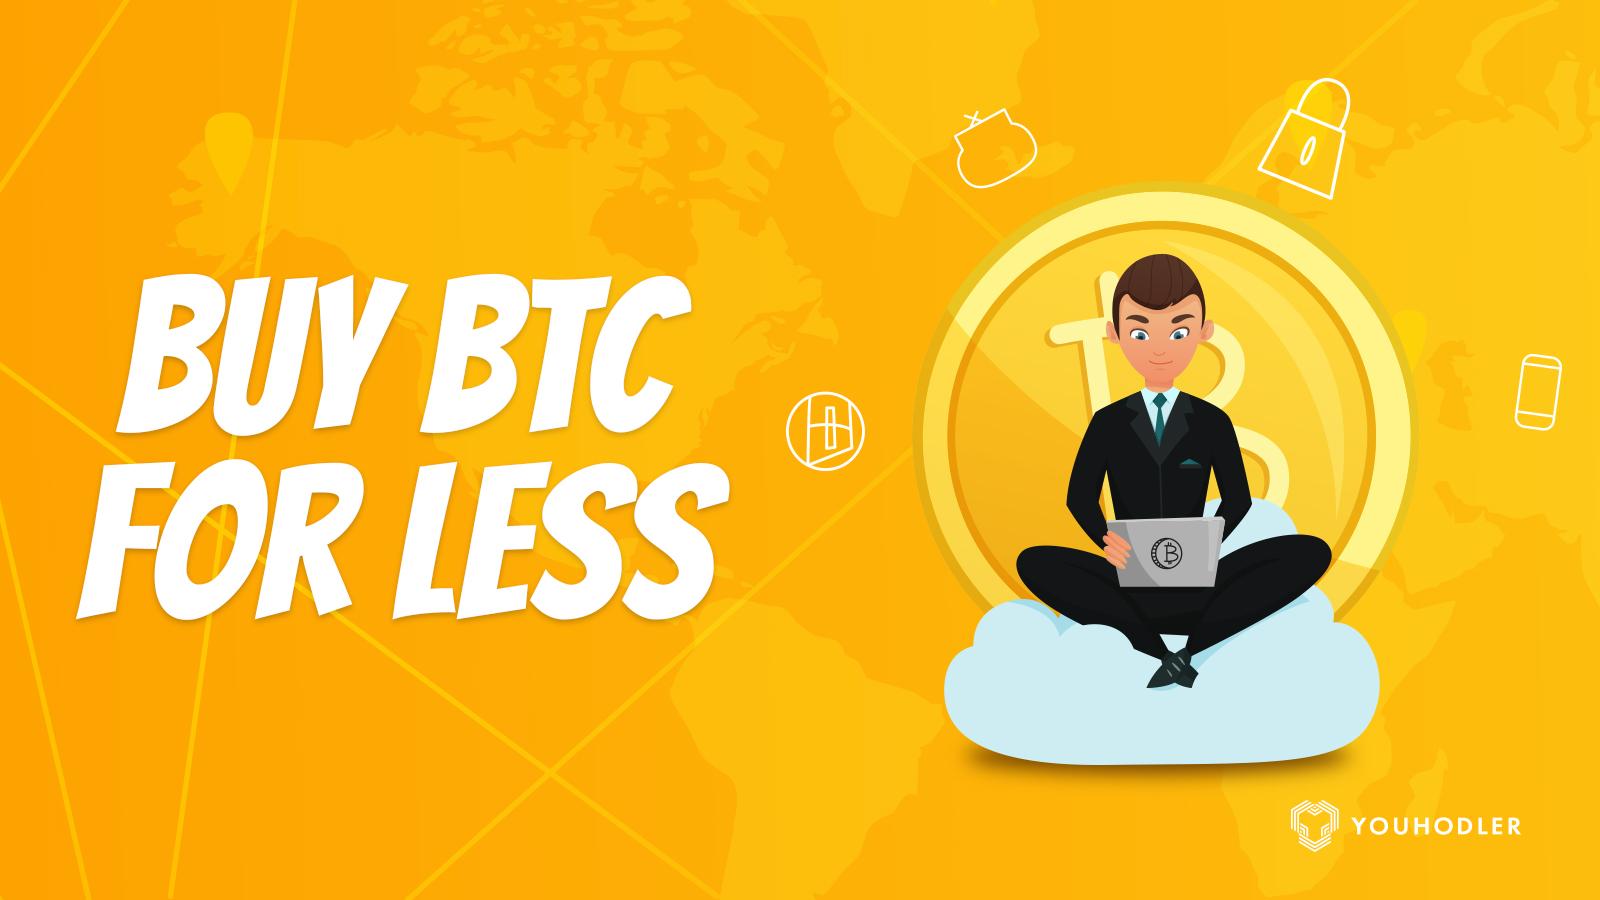 buy BTC, bitcoin, btc loan, crypto loan, borrow btc